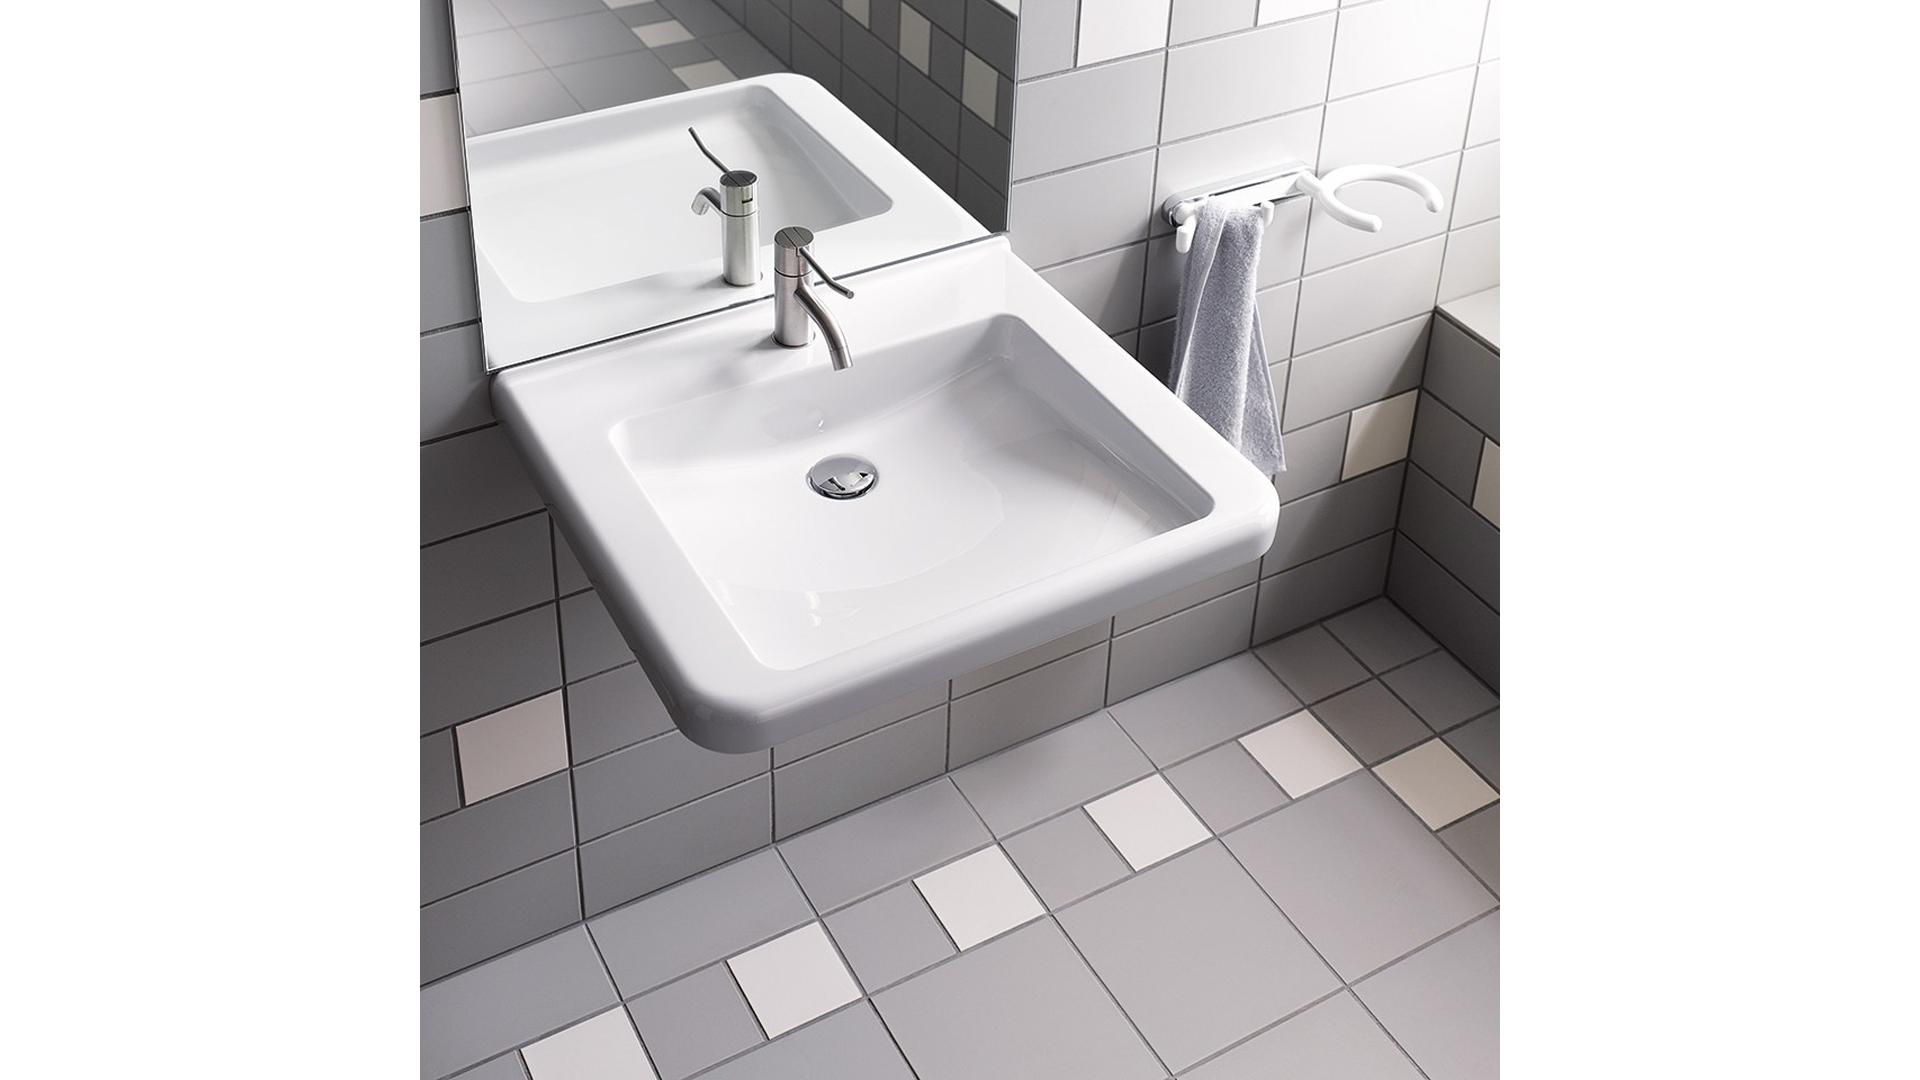 Geberit Waschtisch Anlagen Fur Die Barrierefreie Badgestaltung Online Wohn Beratung De